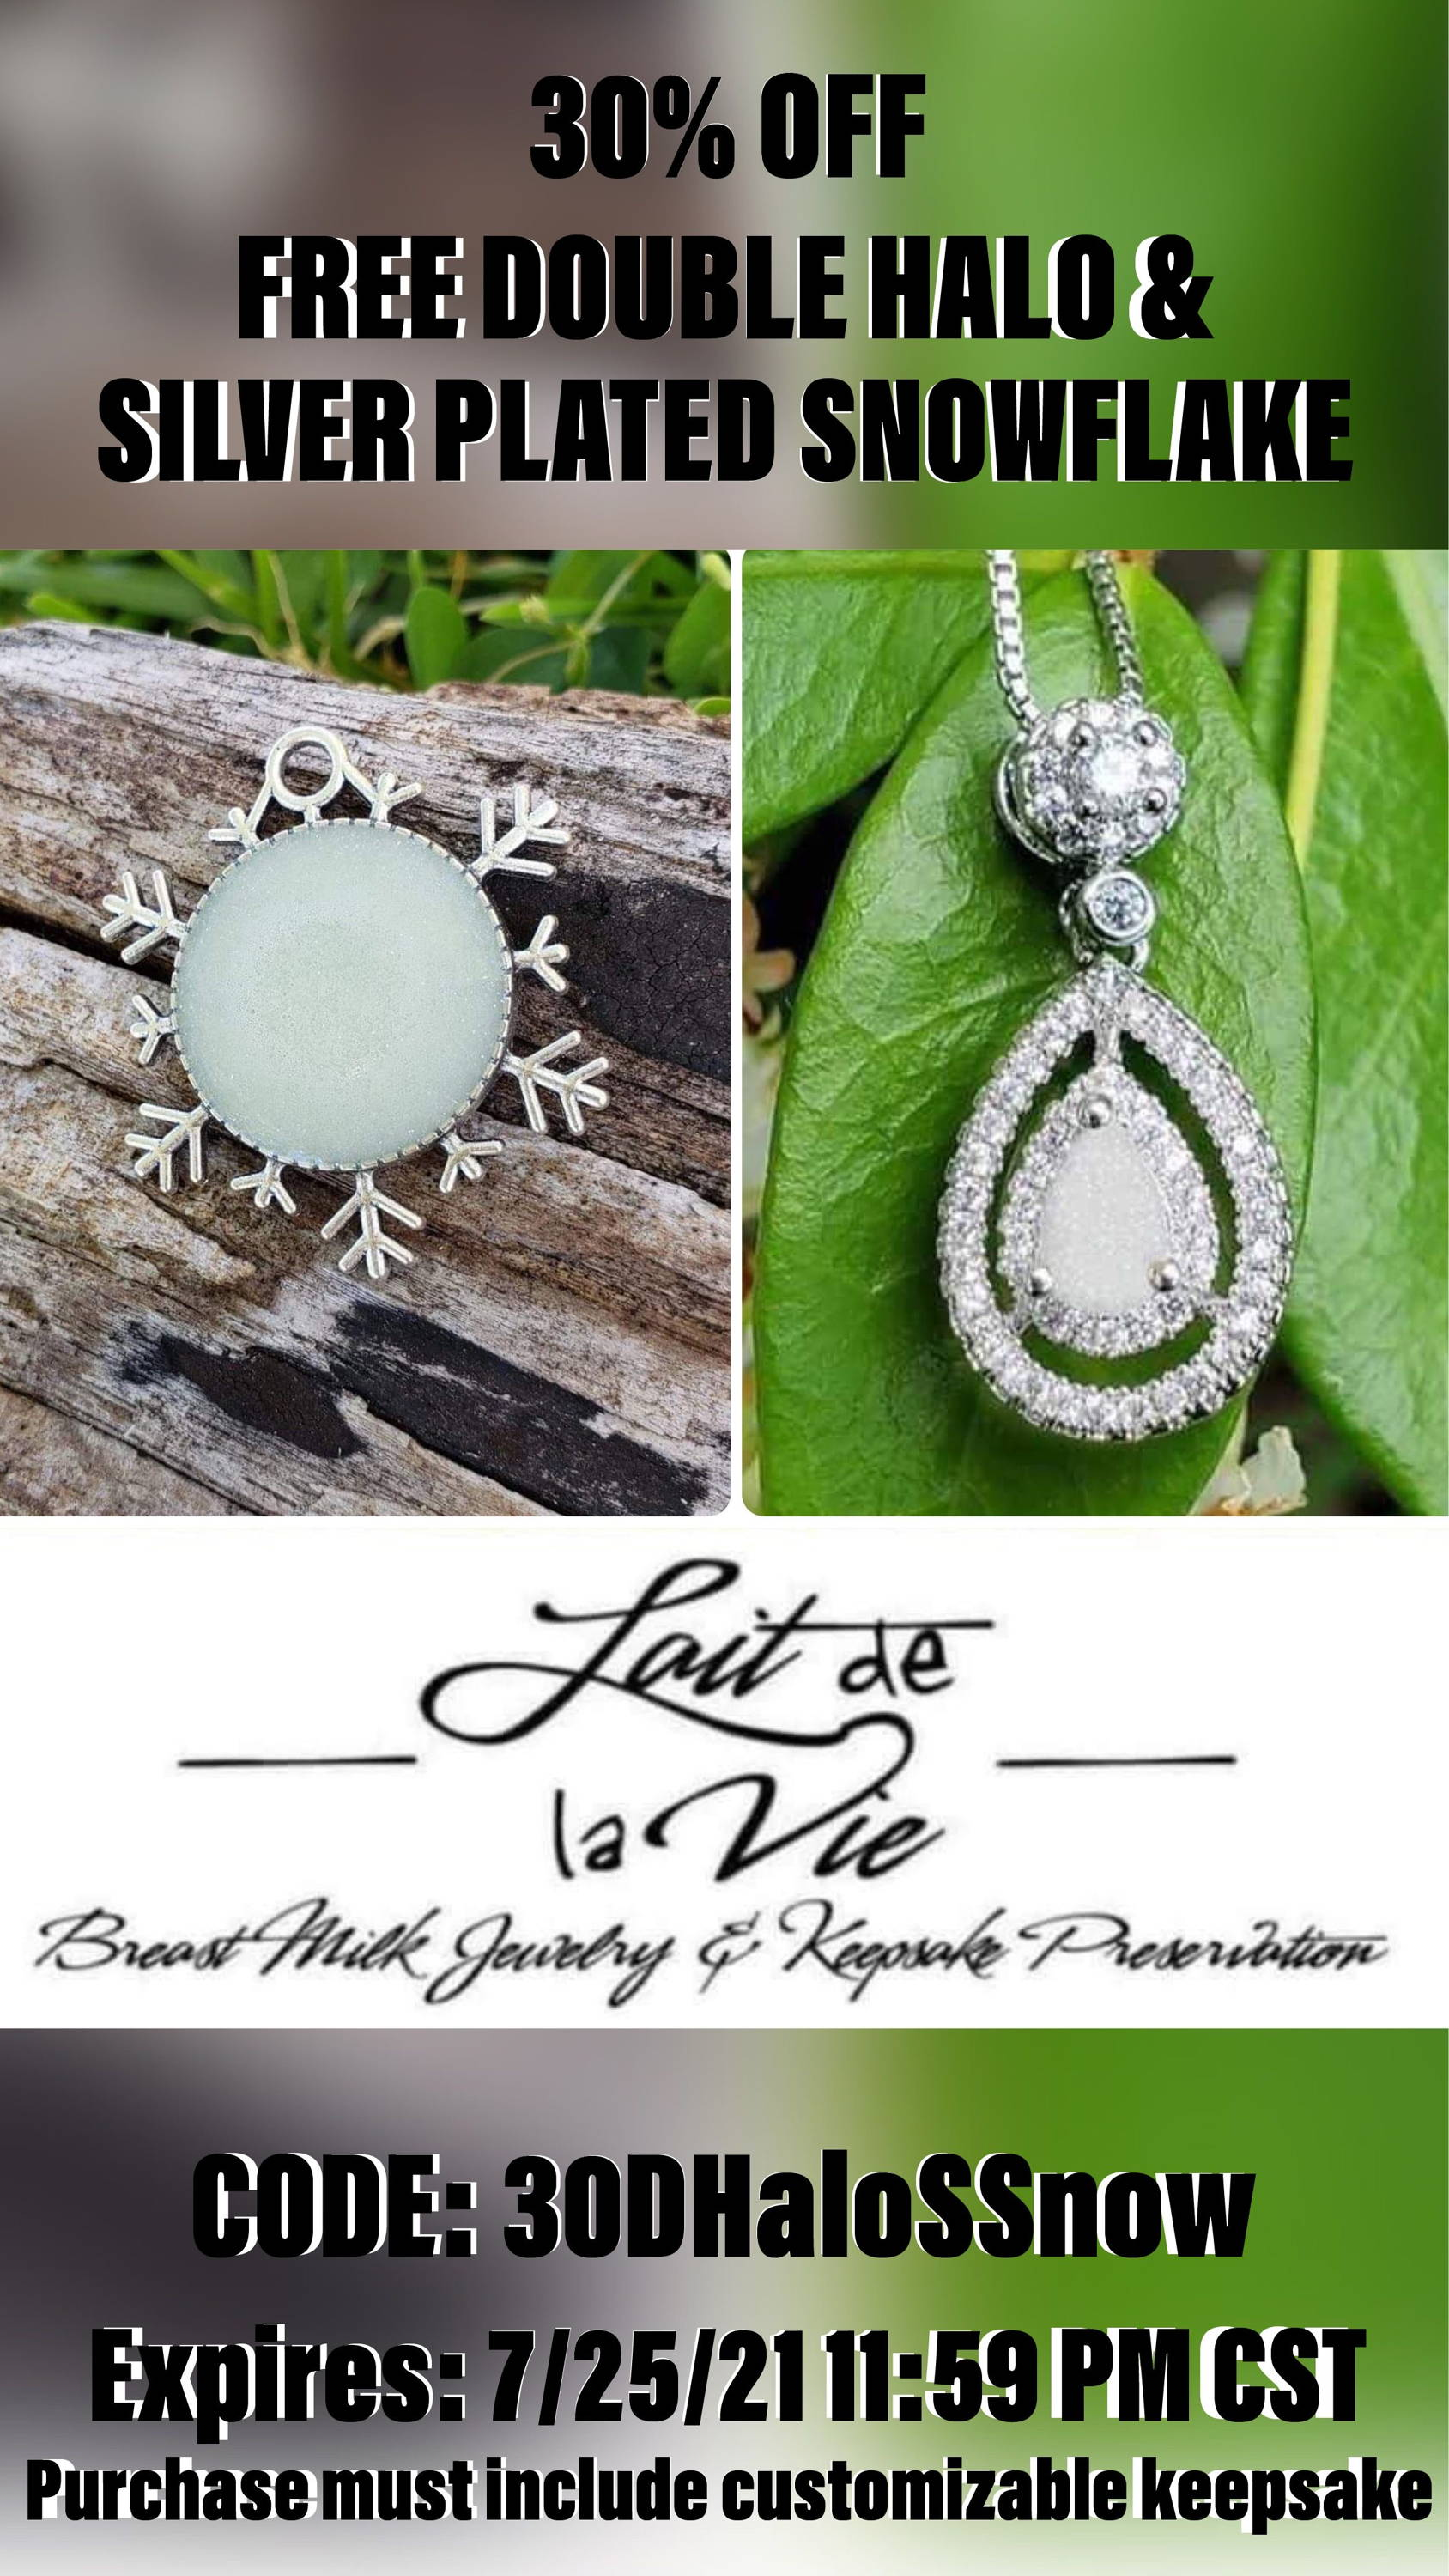 Breastmilk jewelry, keepsake jewelry concrete jewelry